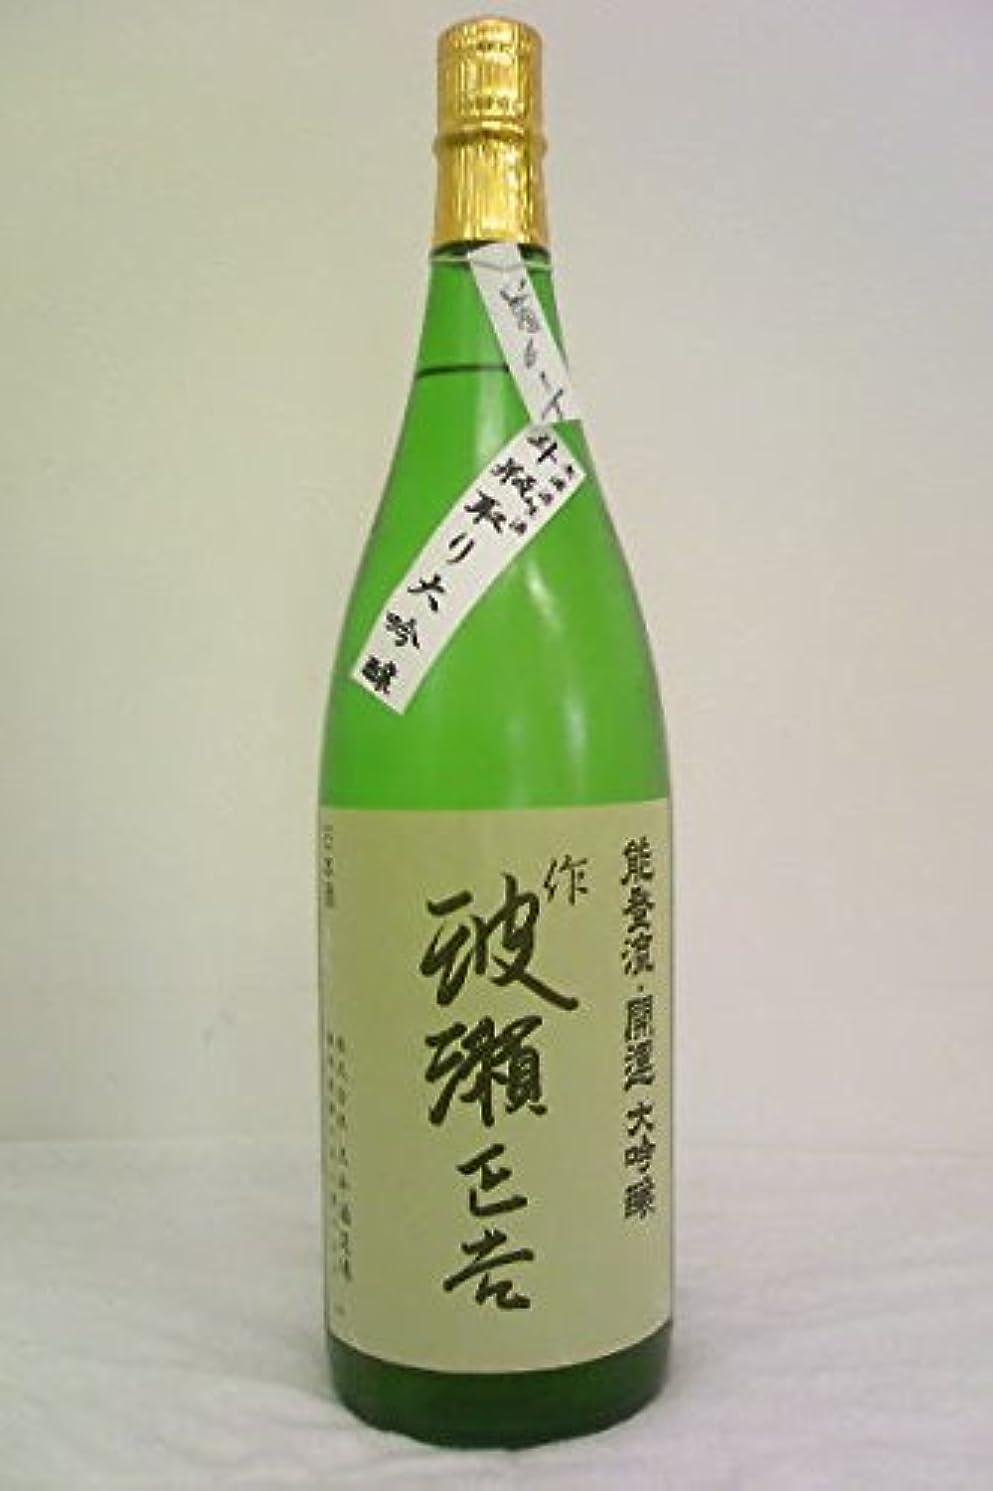 土井酒造場 開運 「伝 波瀬正吉」大吟醸斗瓶取り生原酒 平成30年度醸造 1800ml